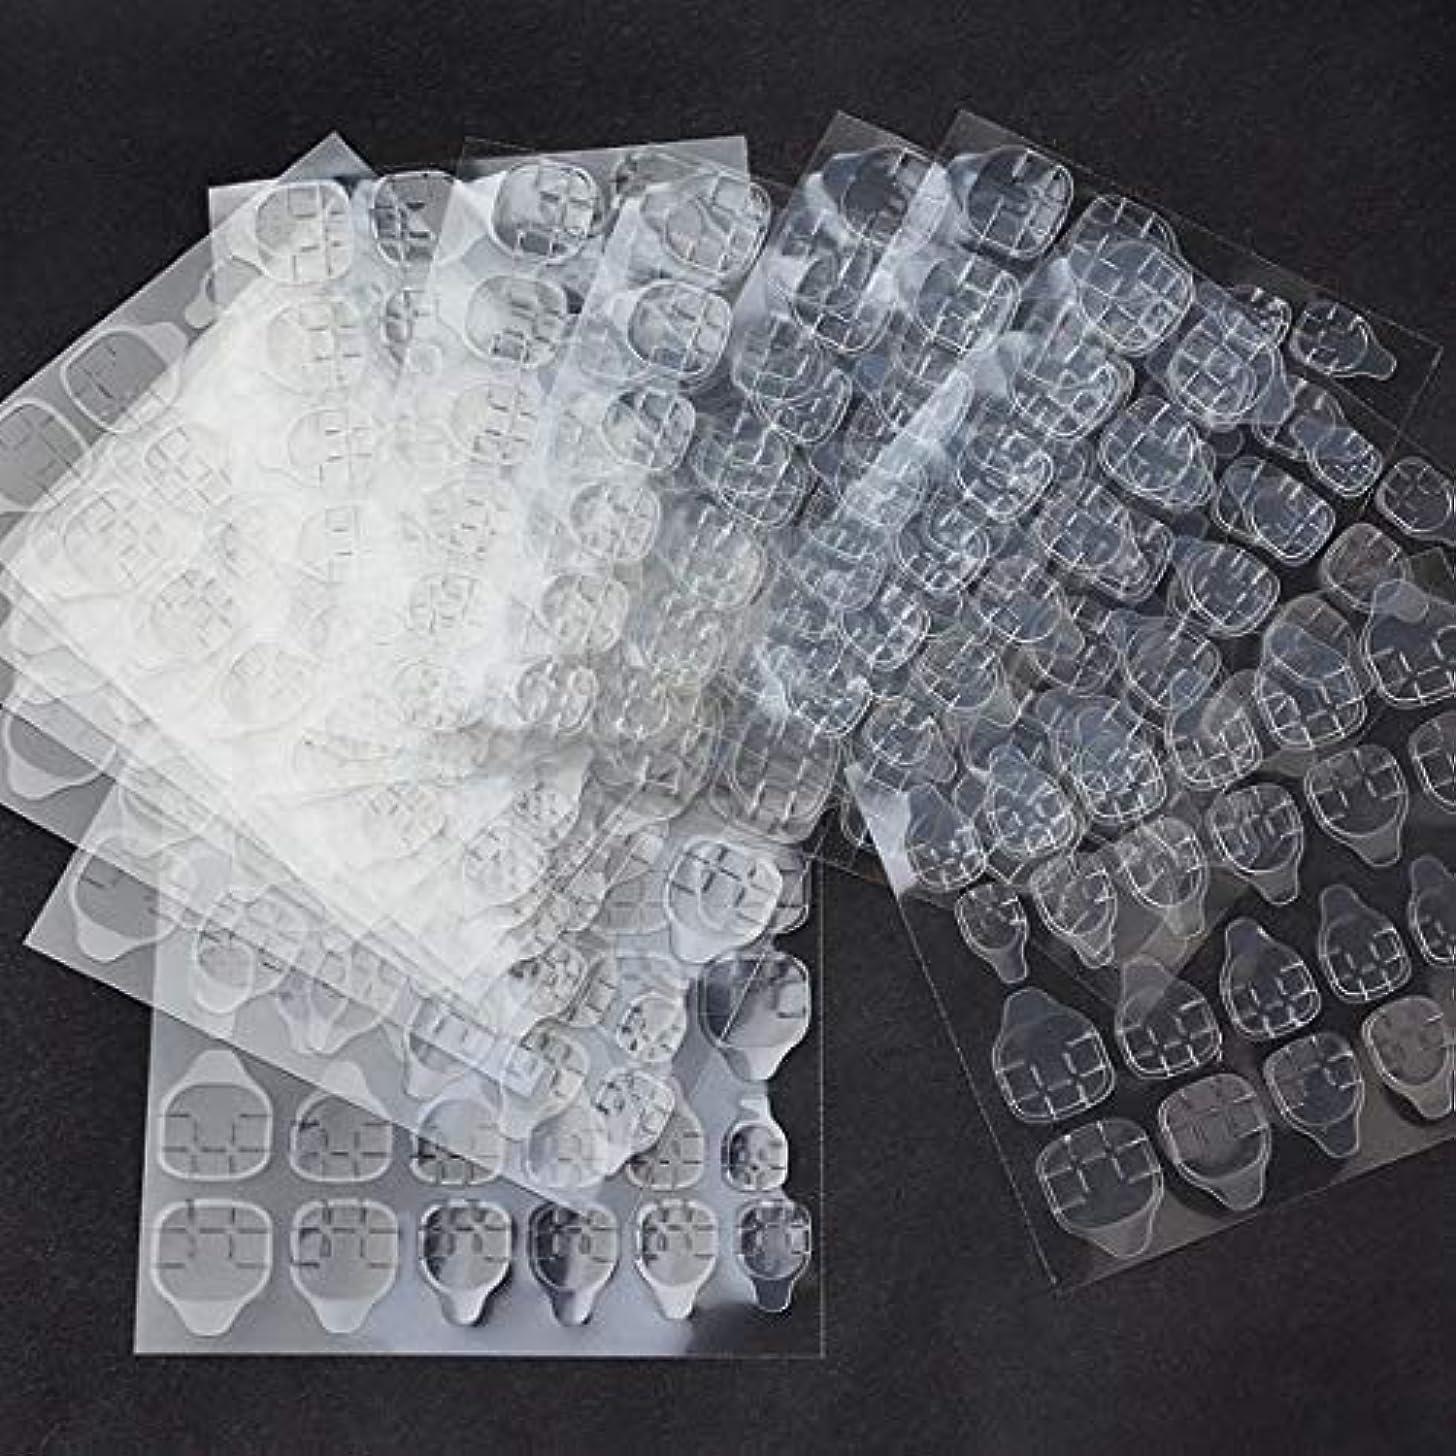 キャンドル局租界Kerwinner 10枚防水通気性透明超薄型両面接着タブネイルグルーステッカー偽ネイルのヒント